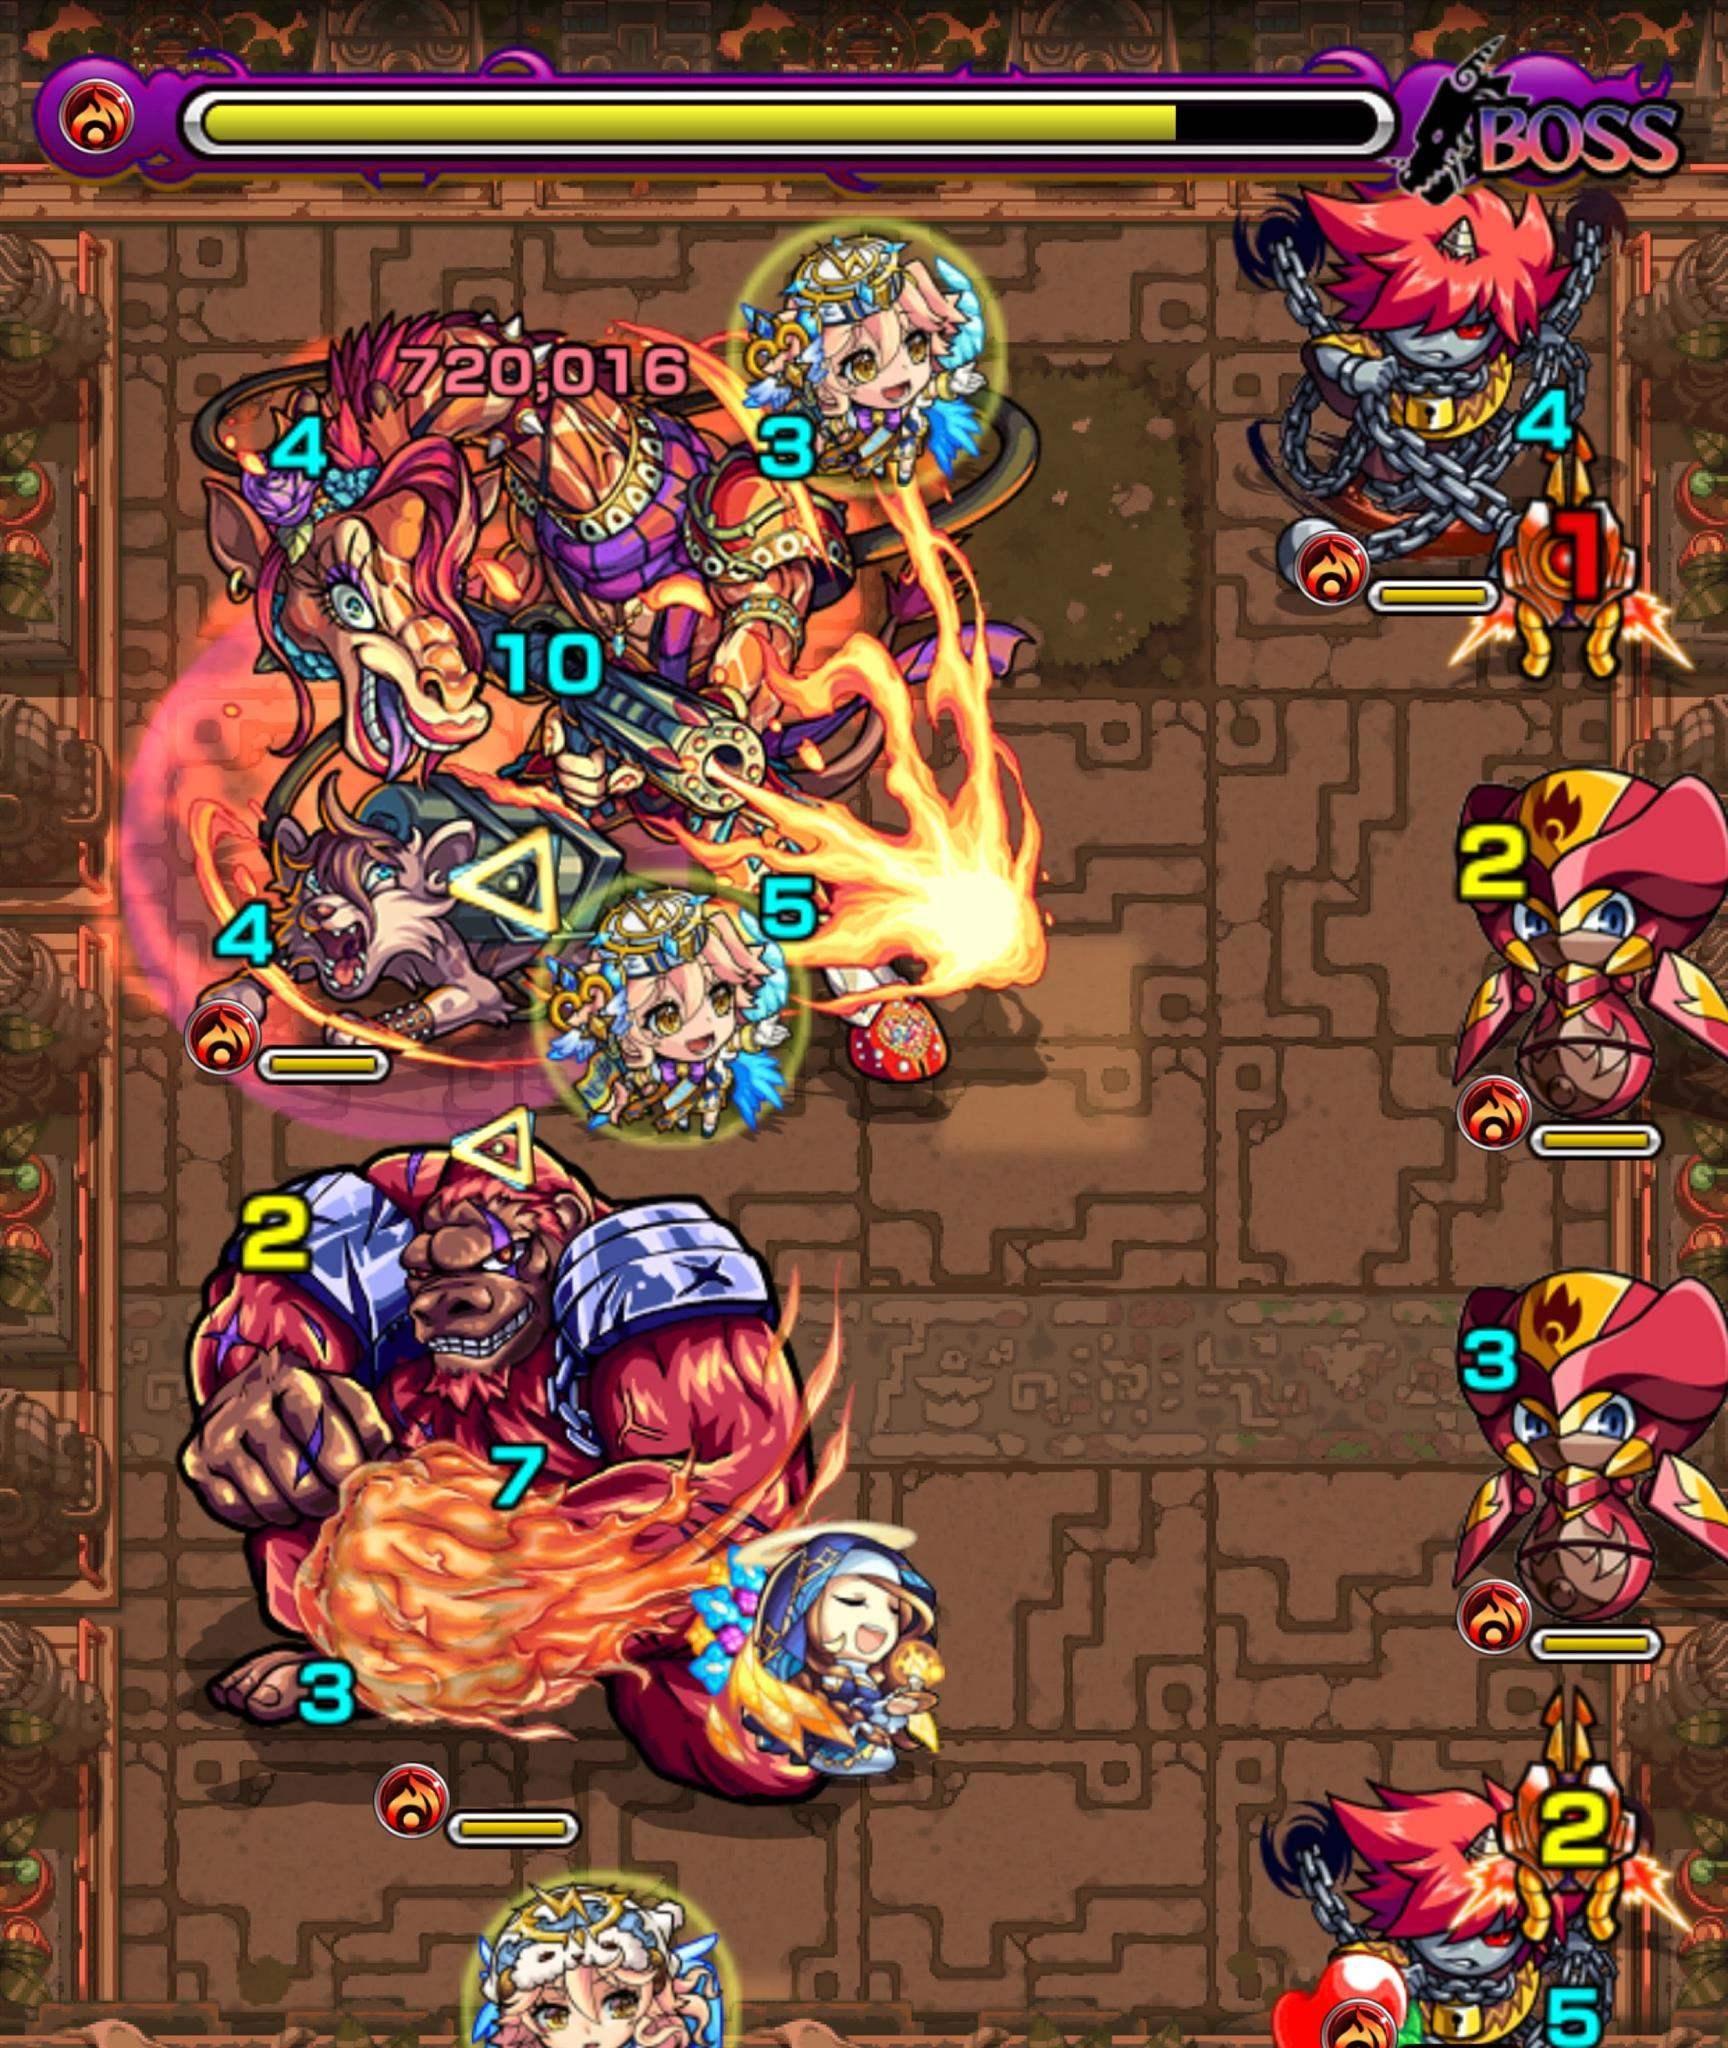 獄炎の神殿(修羅場2)ボス3